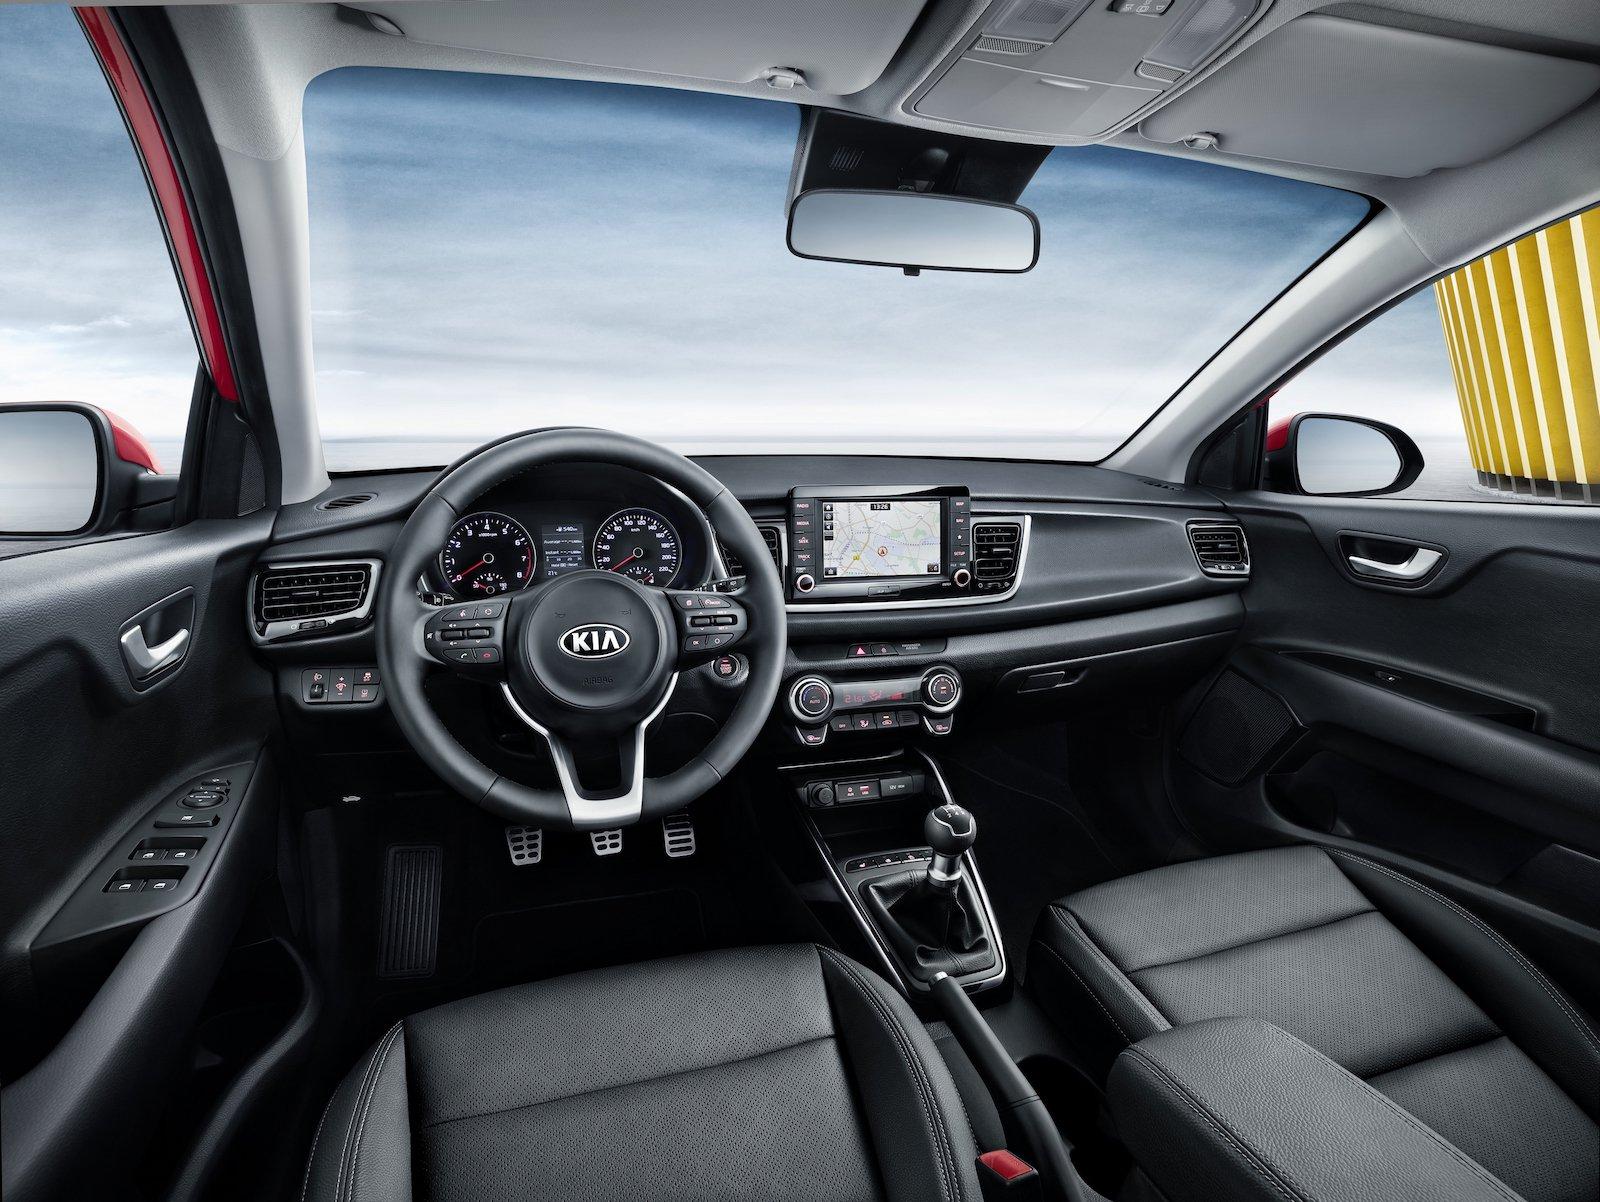 Kia Rio 2018 cuarta generación interior volante y pantalla touch a color